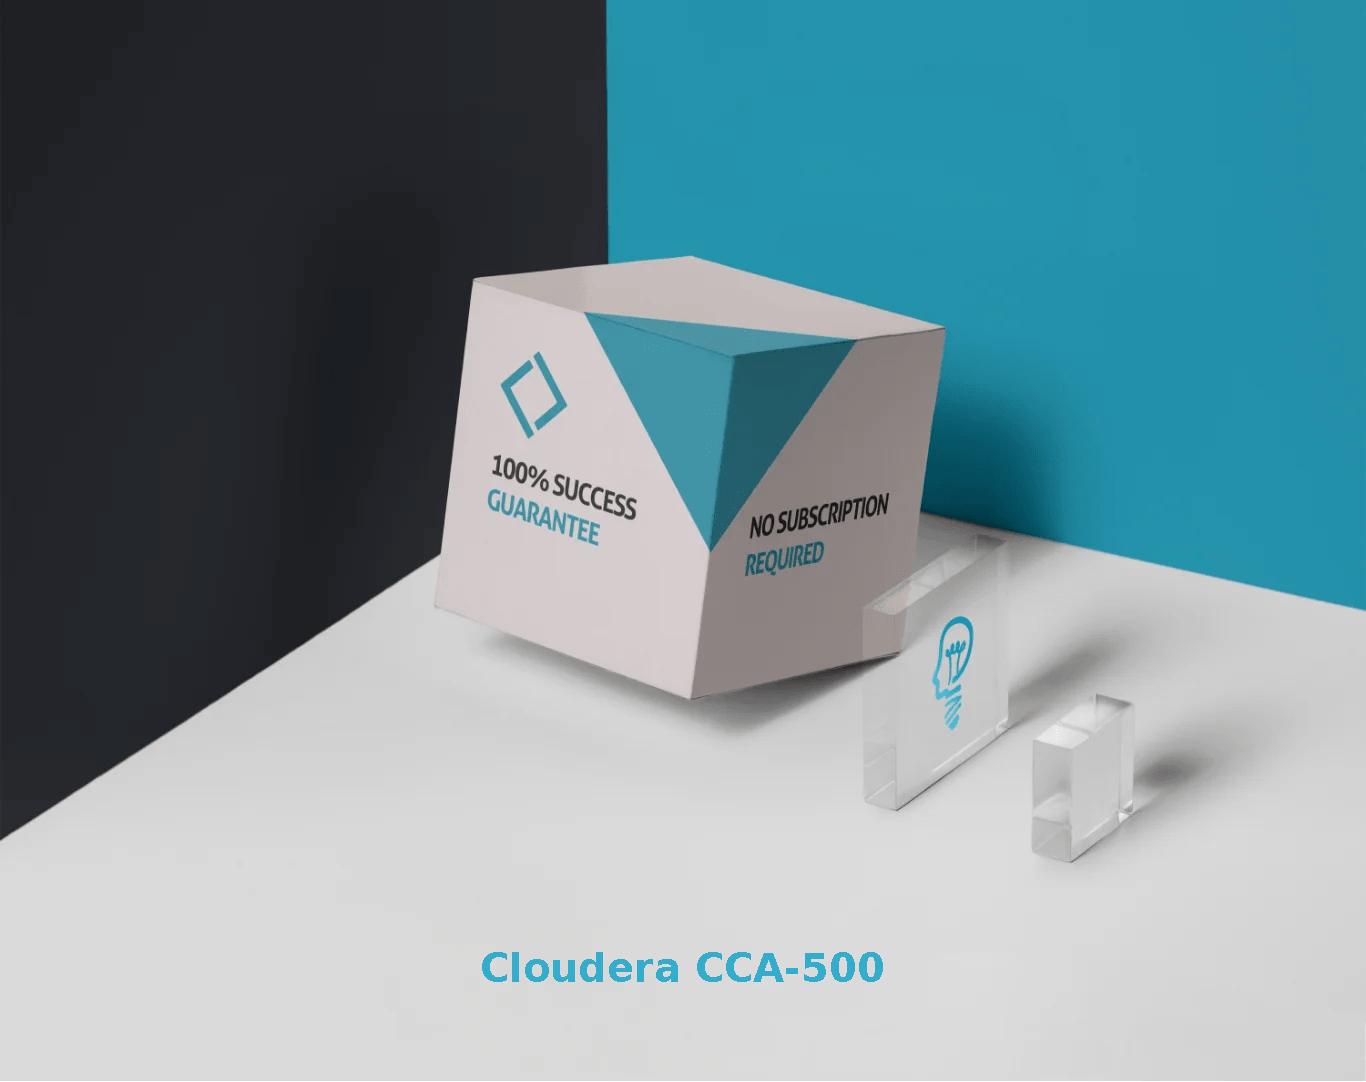 Cloudera CCA-500 Exams